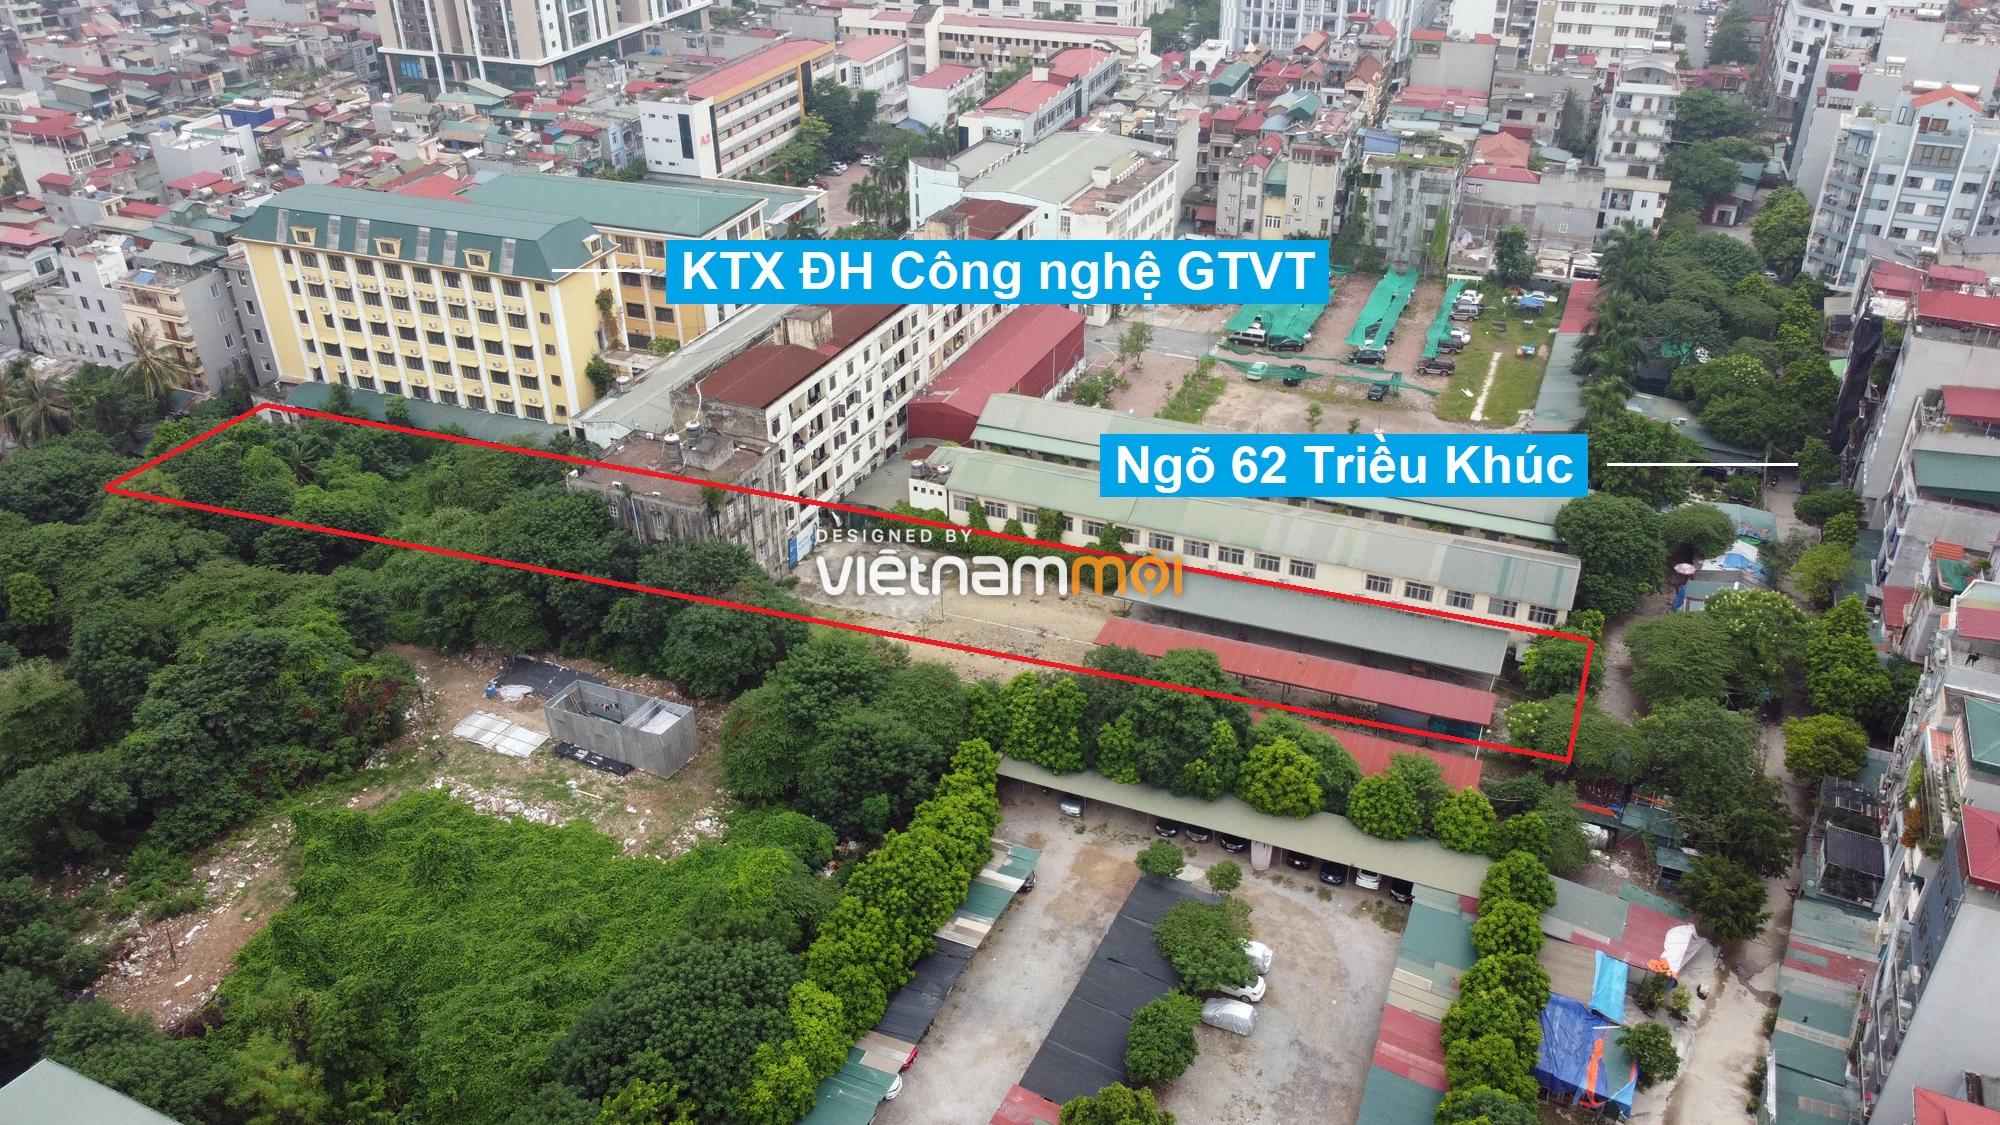 Những khu đất sắp thu hồi để mở đường ở xã Tân Triều, Thanh Trì, Hà Nội (phần 3) - Ảnh 6.